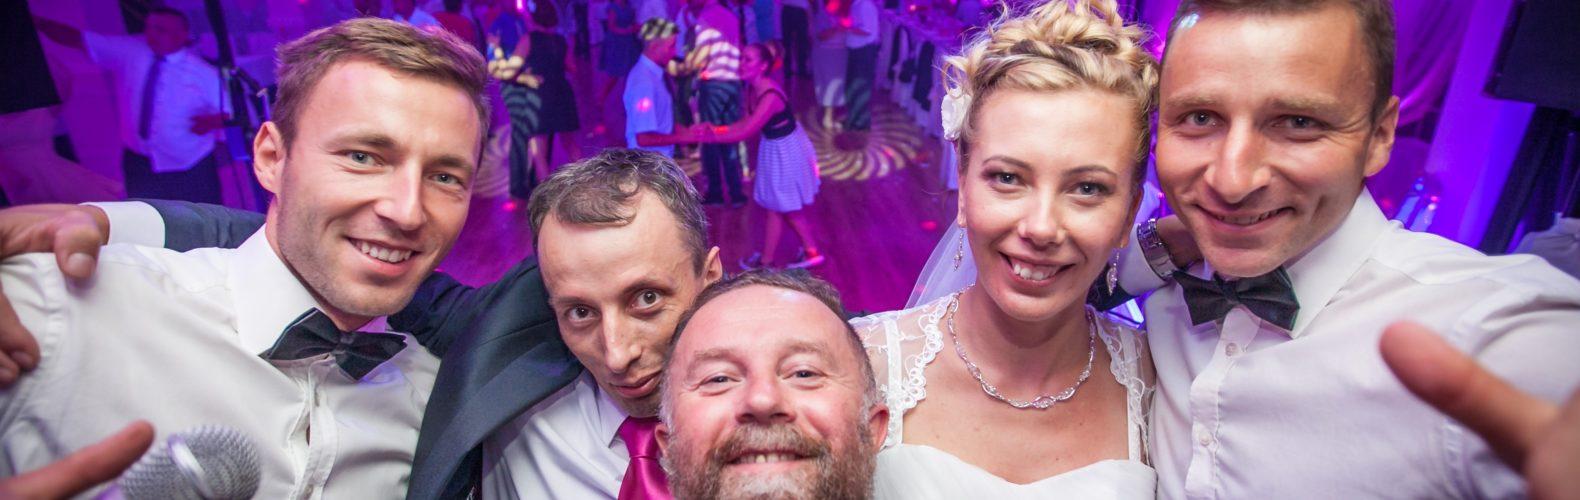 fotograf karezmrzysta wesele